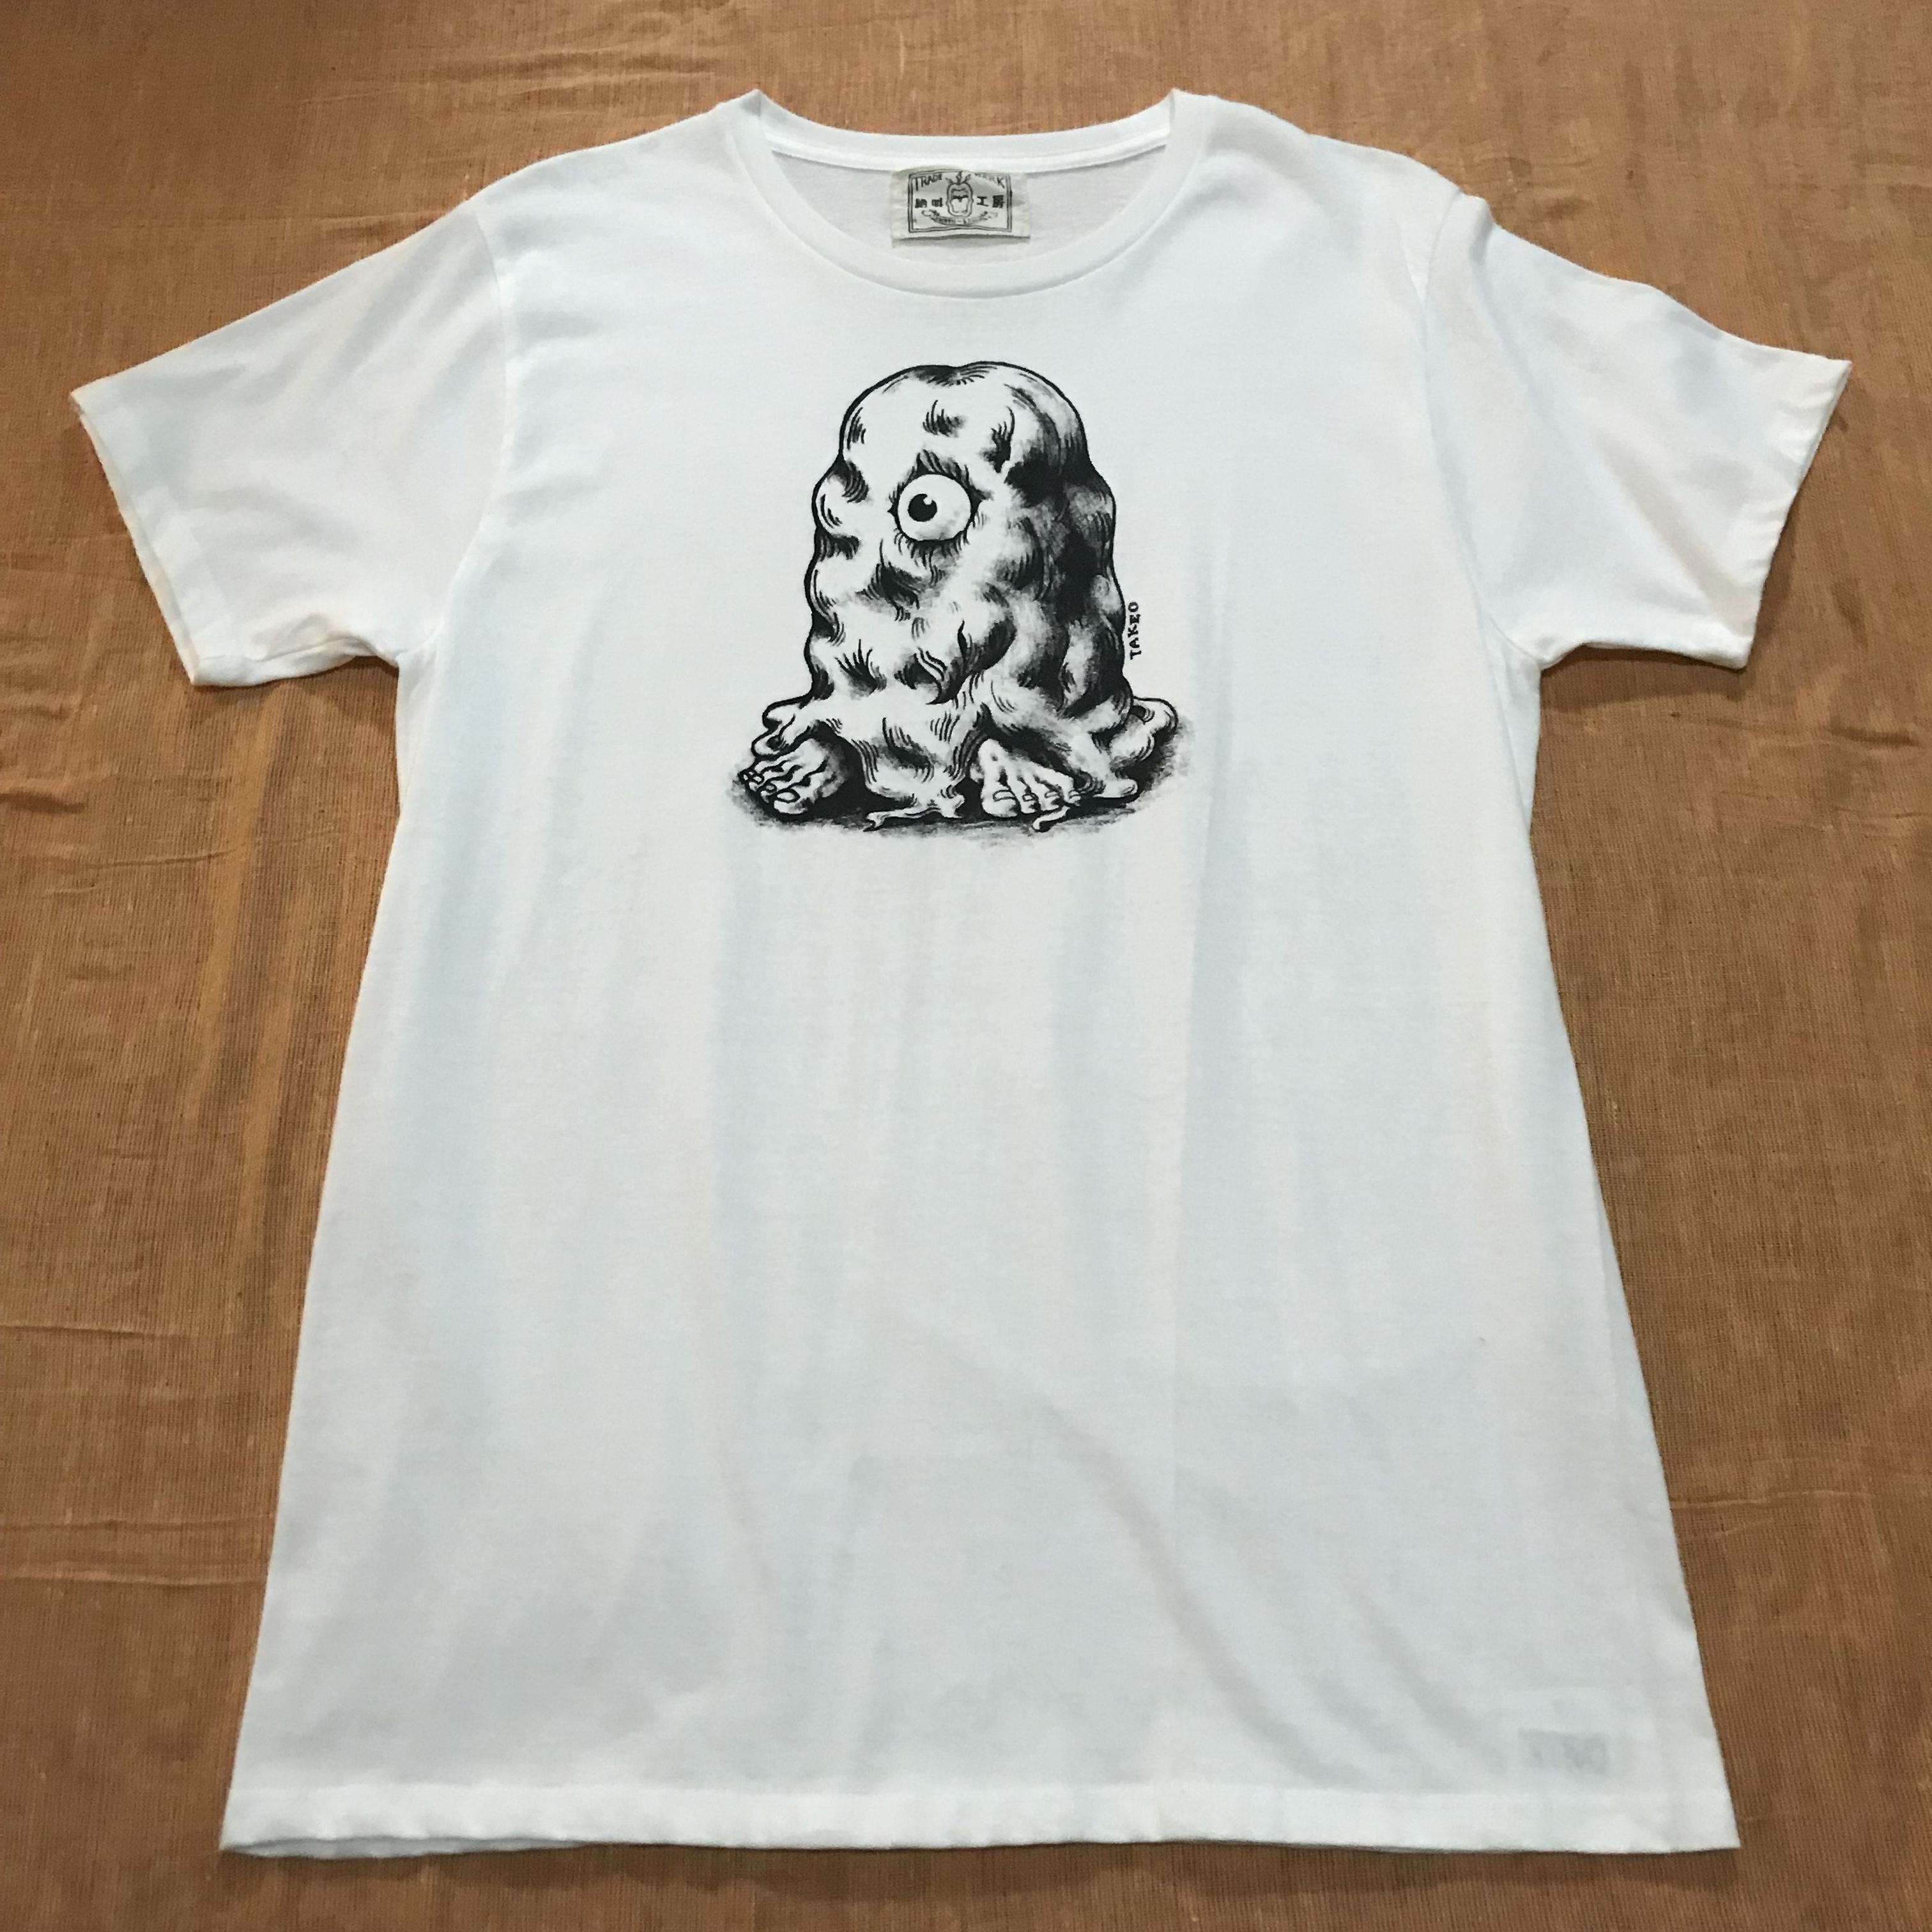 絶叫工房 Tシャツ